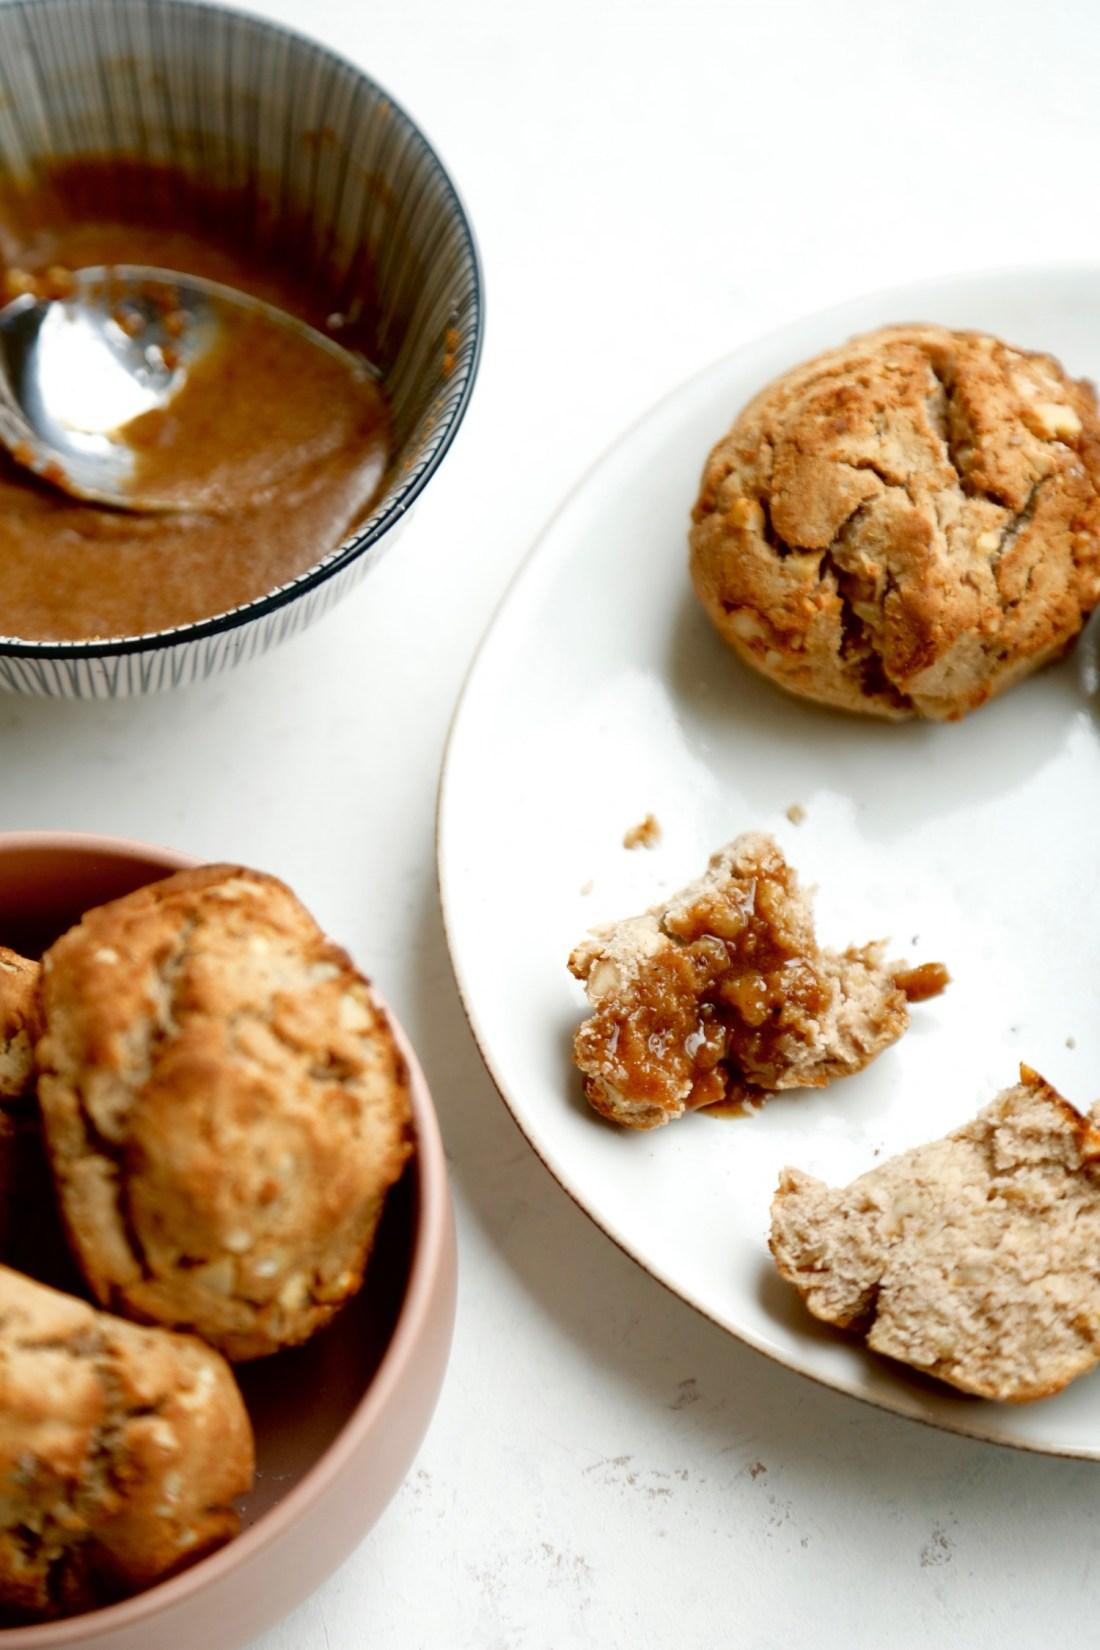 opskrift-glutenfri-scones-med-karamelglaze-1-1